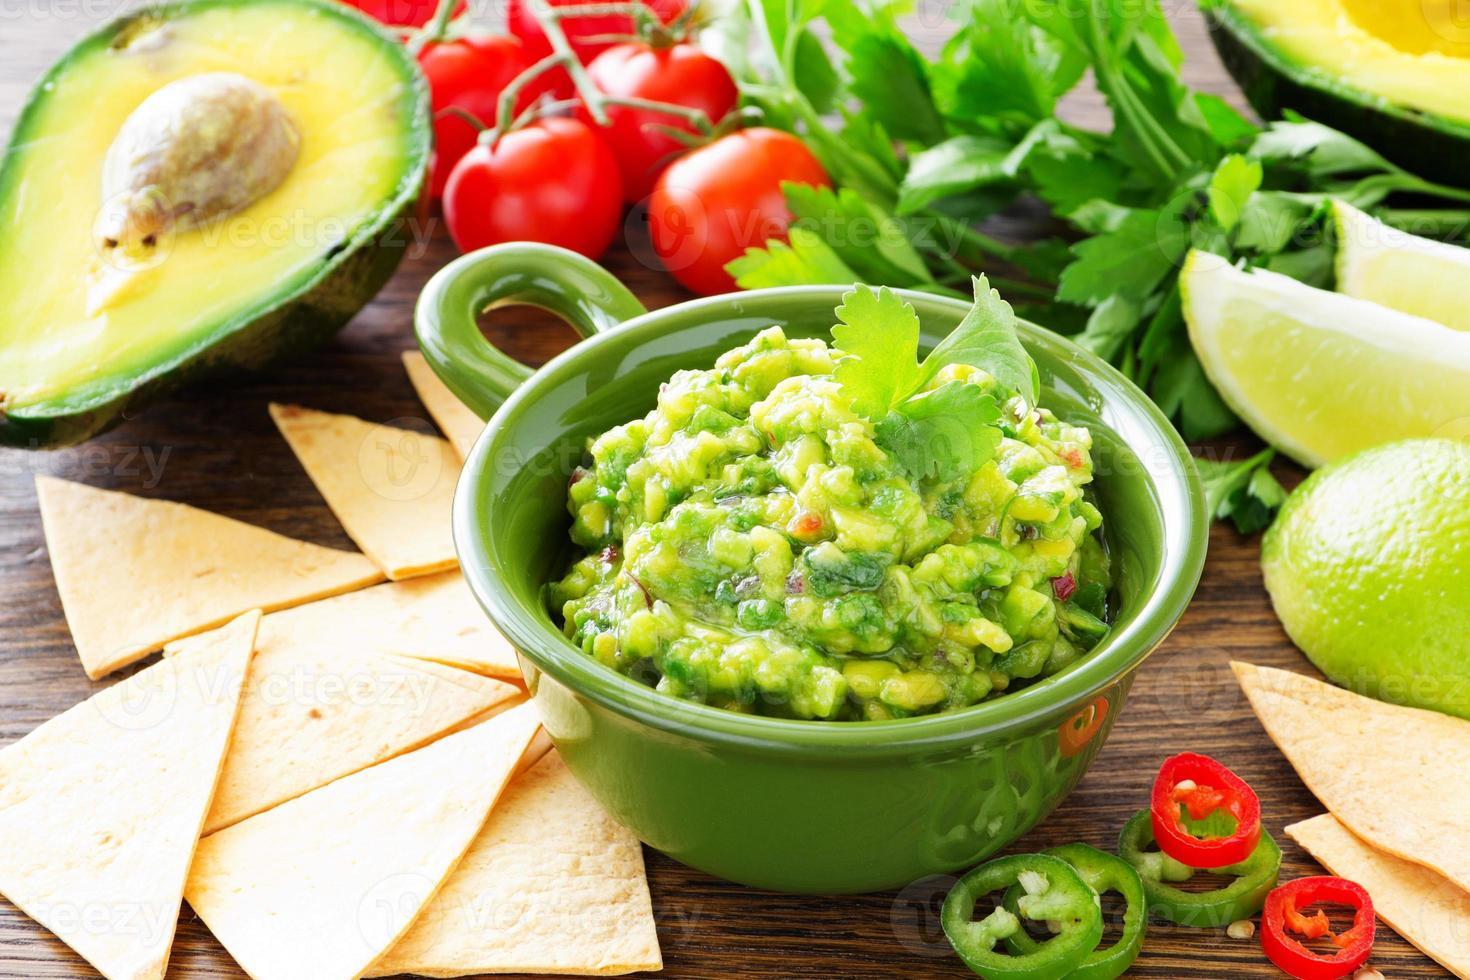 taza con guacamole y chips de maíz - aperitivo tradicional mexicano foto